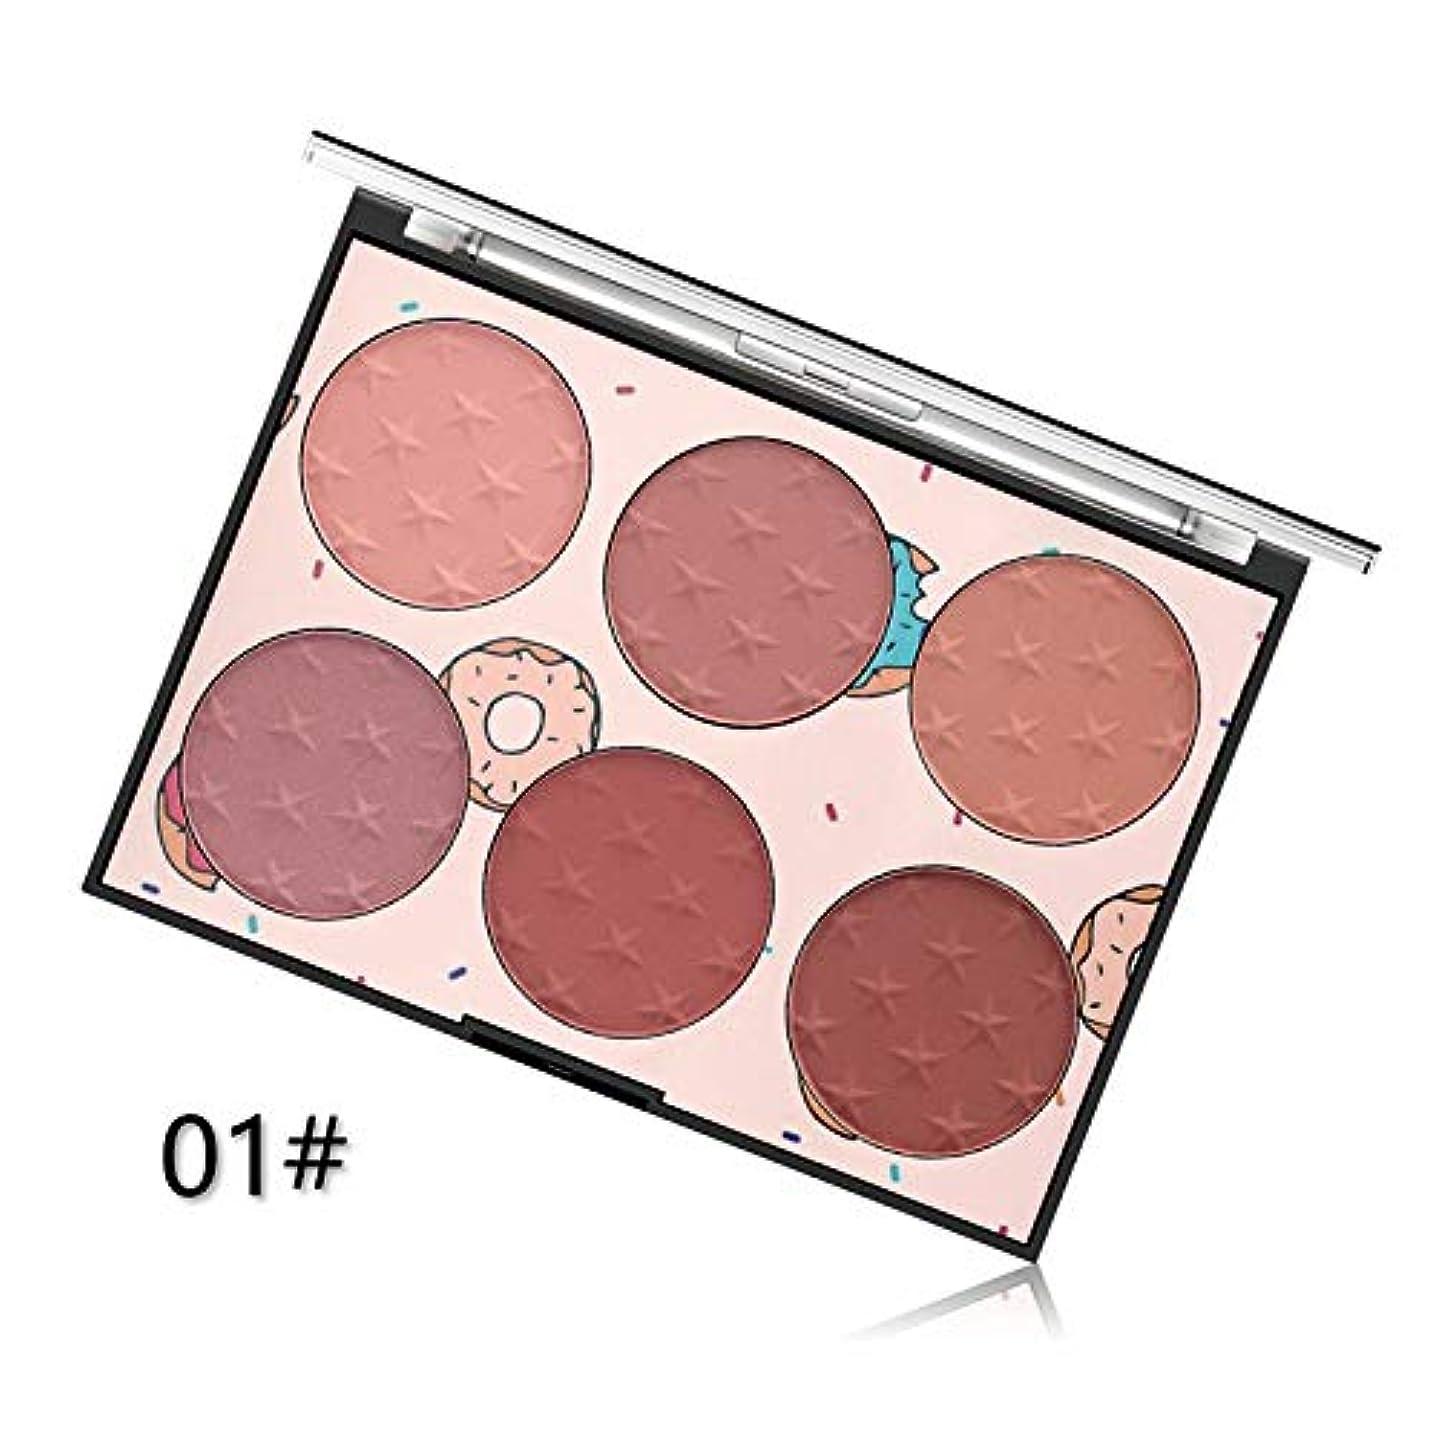 断言するくるみ眠りBeaurtty 6色 ブラッシュパレット ナチュラル ロングラスティング 肌にやさしい 化粧品 (N01)